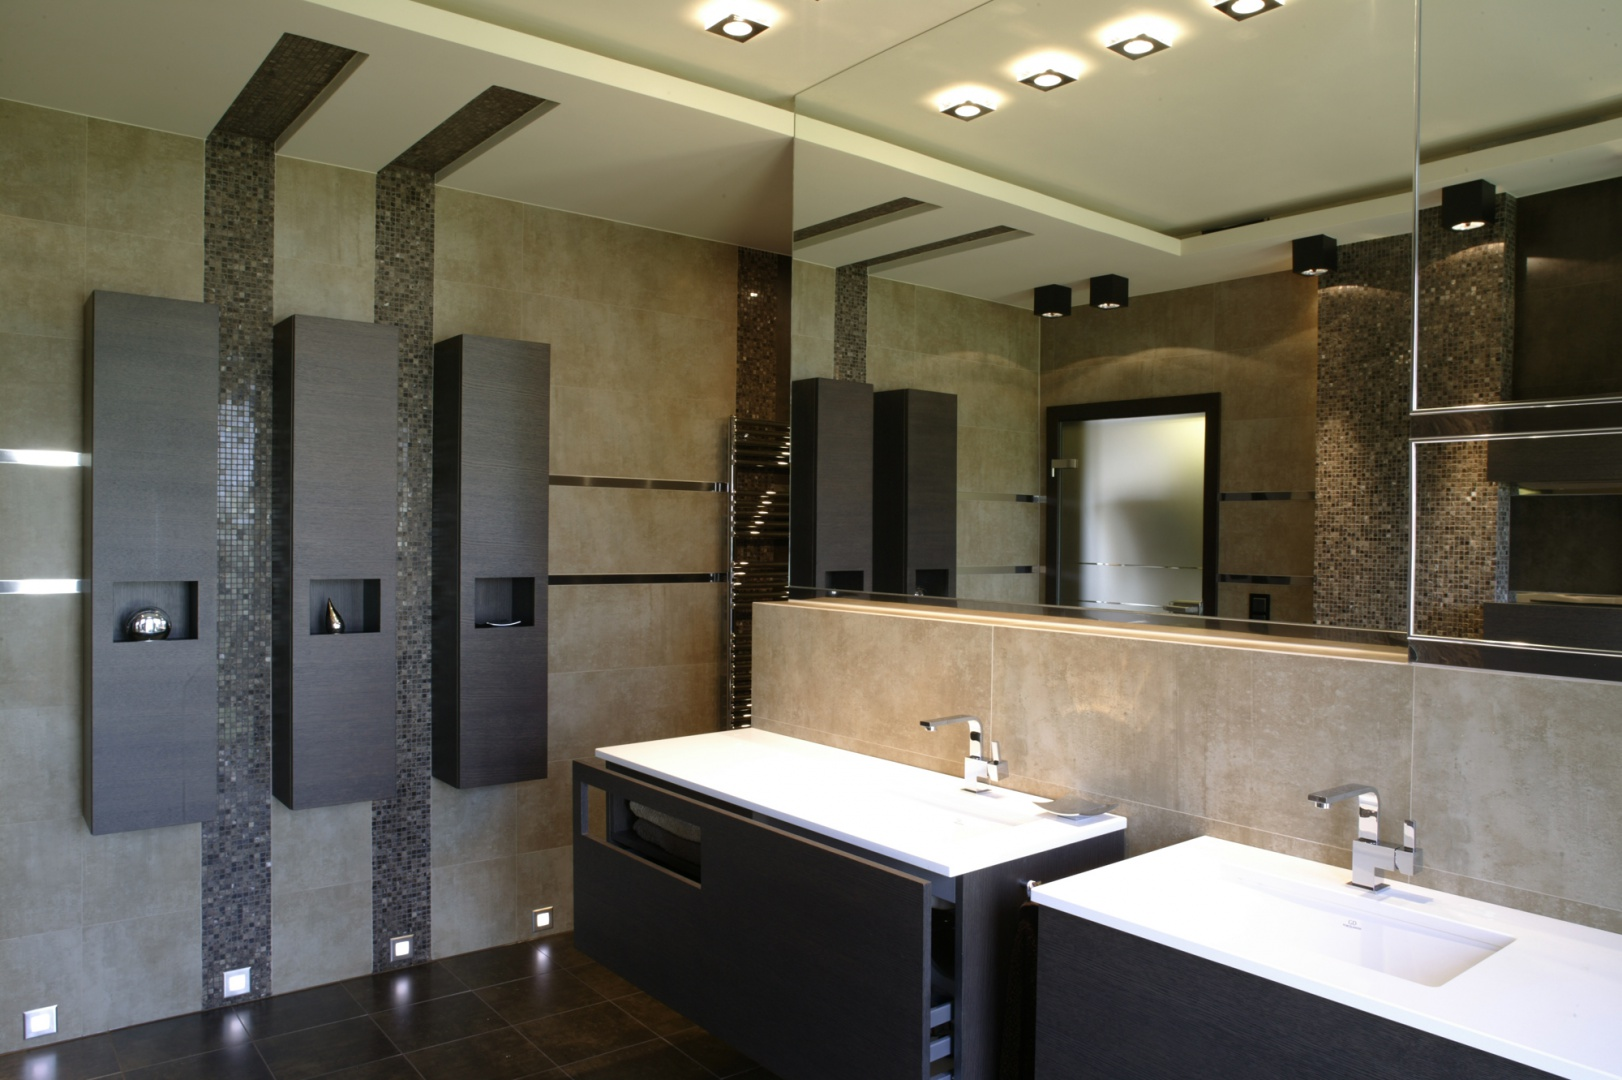 W łazience królują wyłącznie proste, geometryczne formy – taki kształt mają kamienne płytki, meble, ceramika, a nawet oprawy lamp. Fot. Monika Filipiuk.